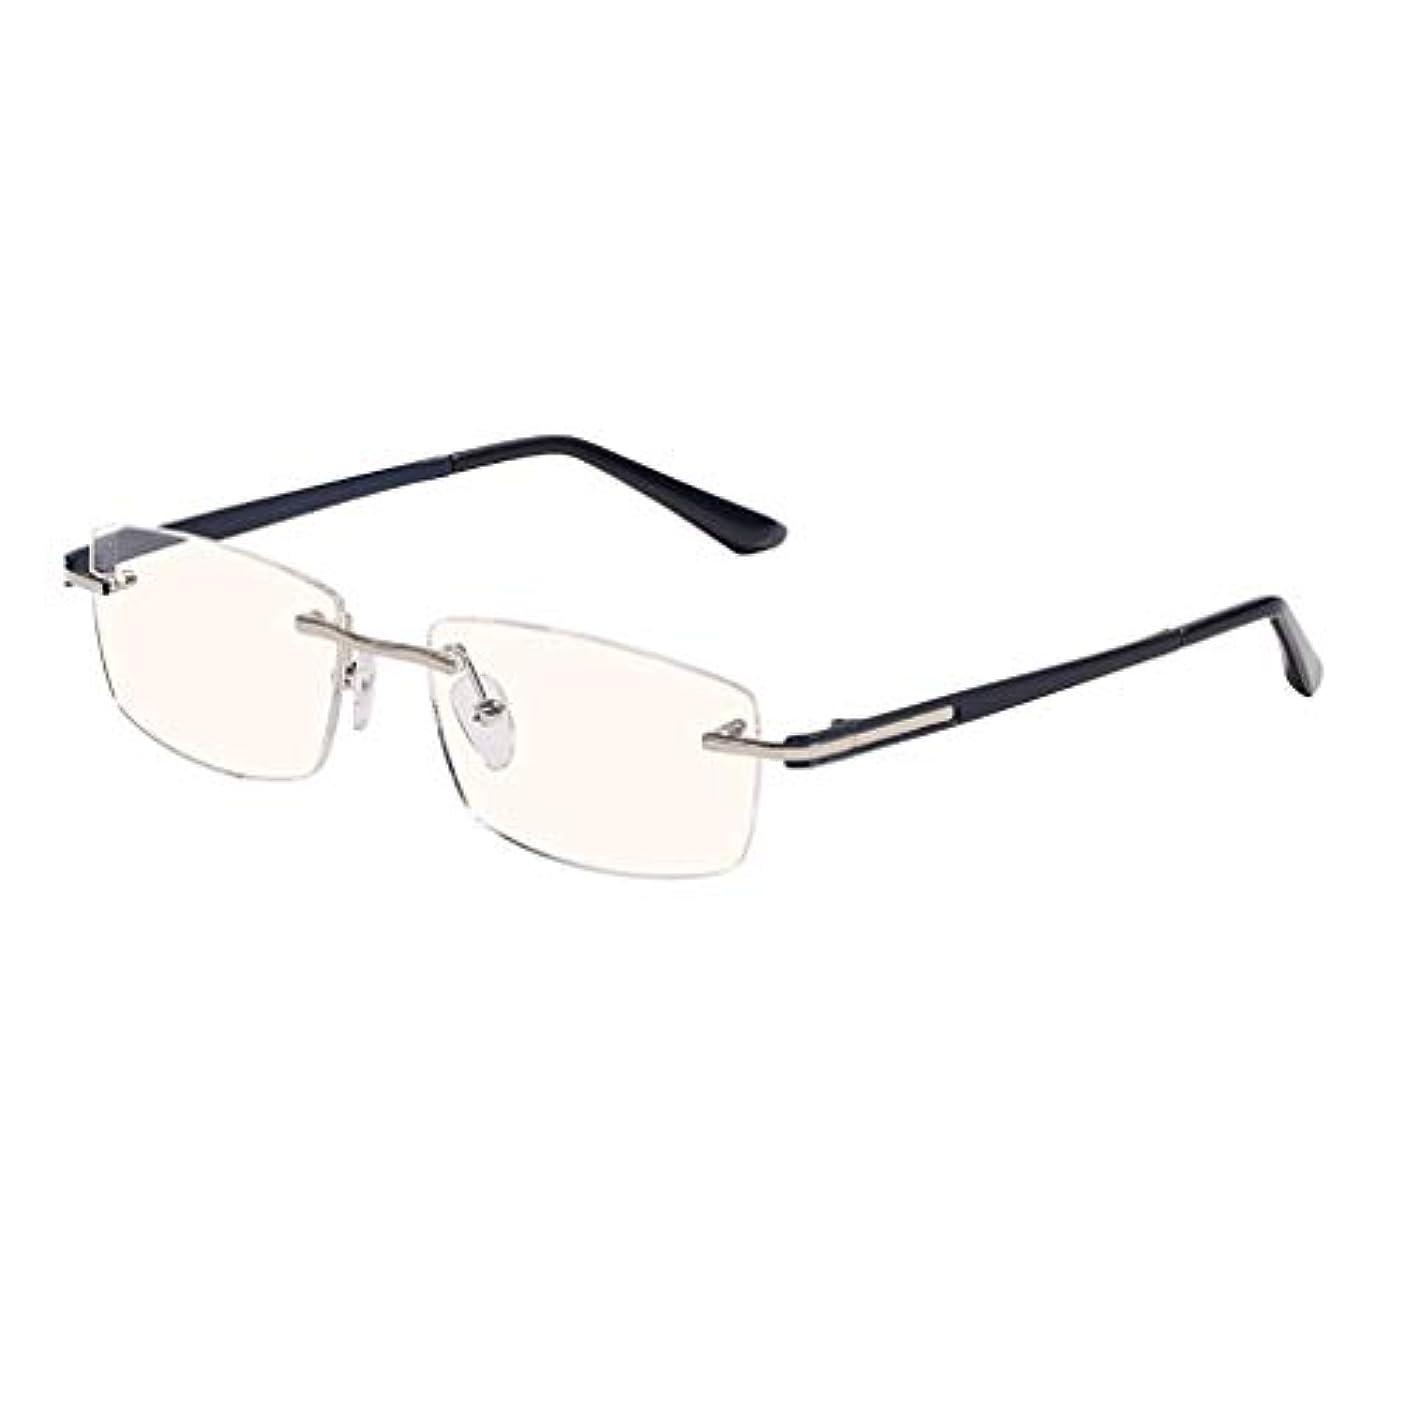 縁なし老眼鏡+1.0から+3.0  スーパーライトチタンアイウェア メンズレディースサンリーダーリーディンググラスHDアンチブルーライトブラックブルー